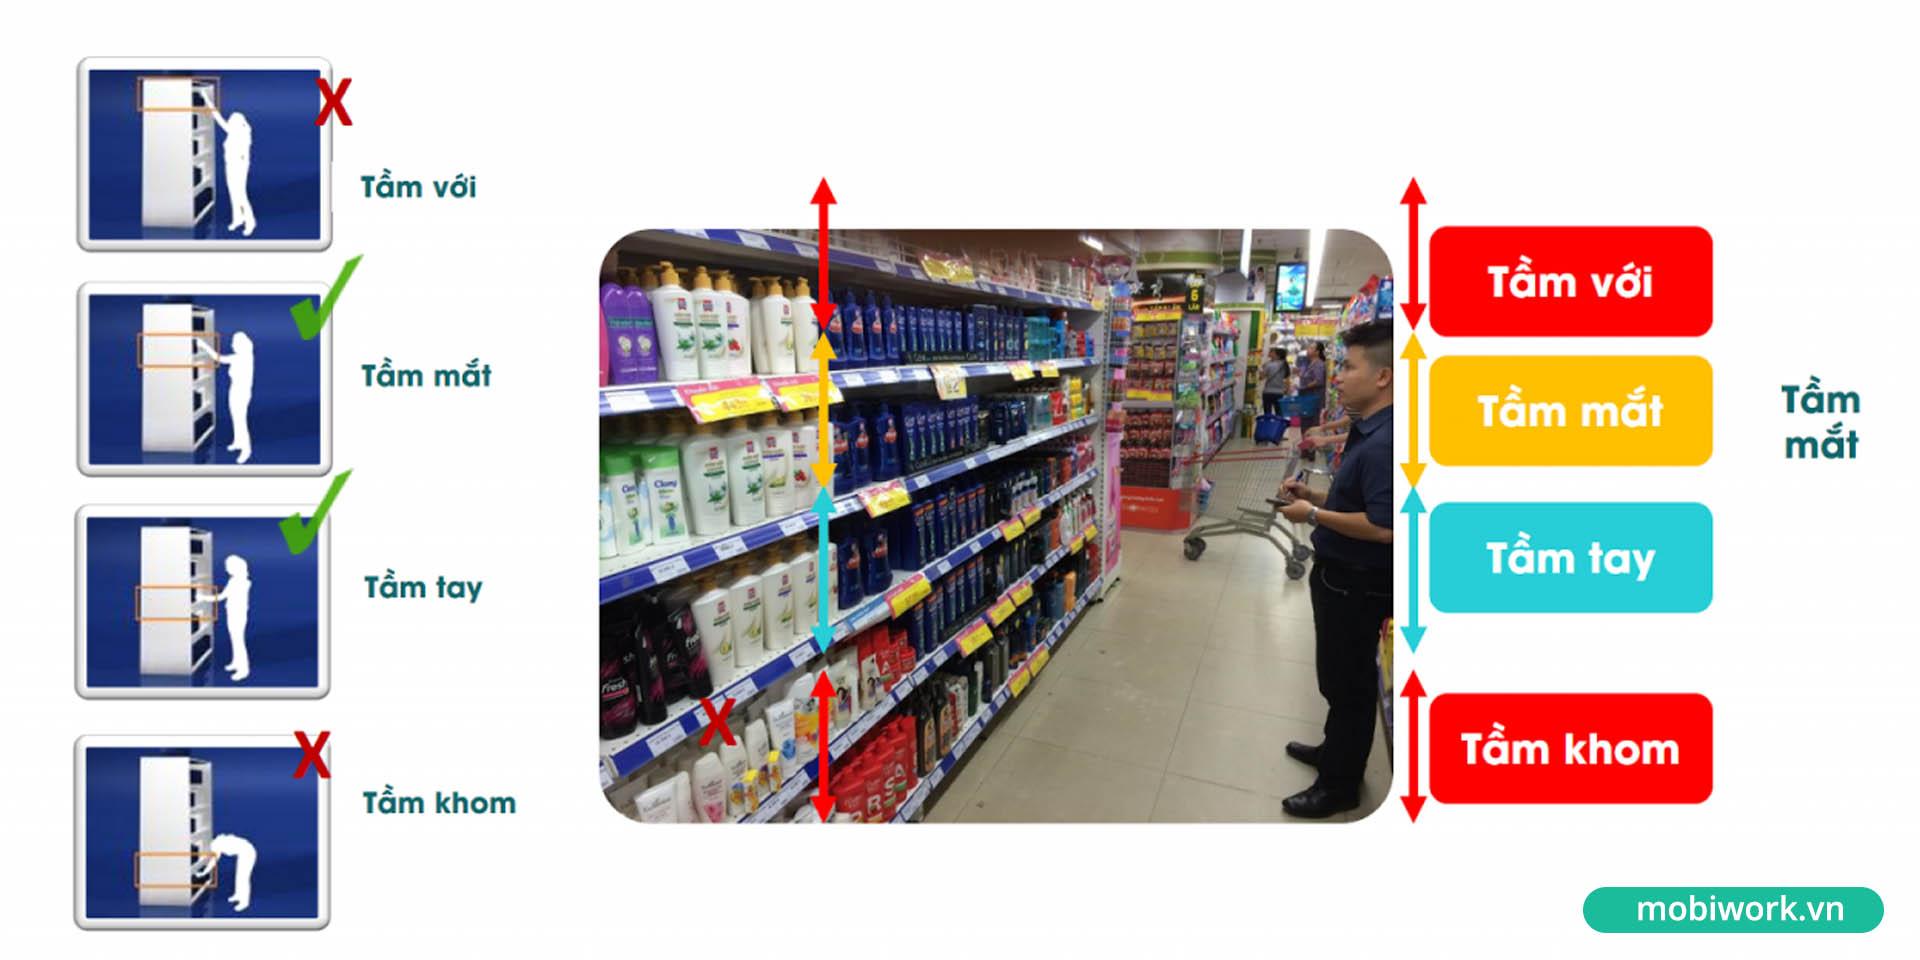 7 nguyên tắc trưng bày hàng hóa tại điểm bán không thể bỏ qua